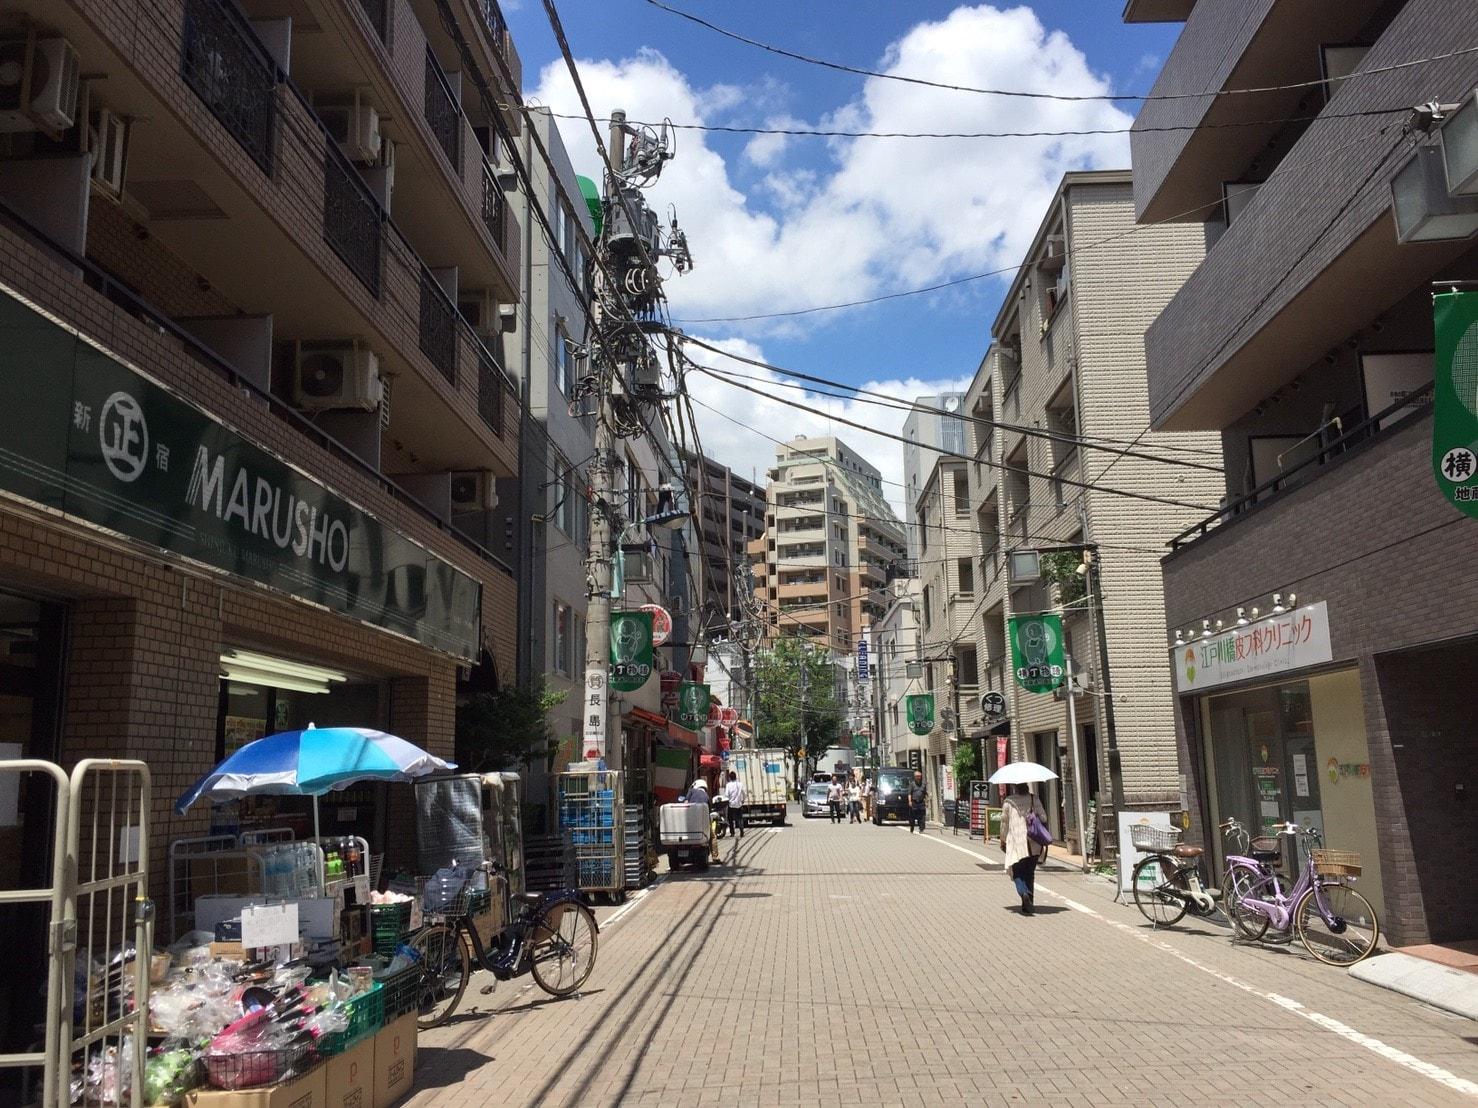 江戸川橋の商店街の風景